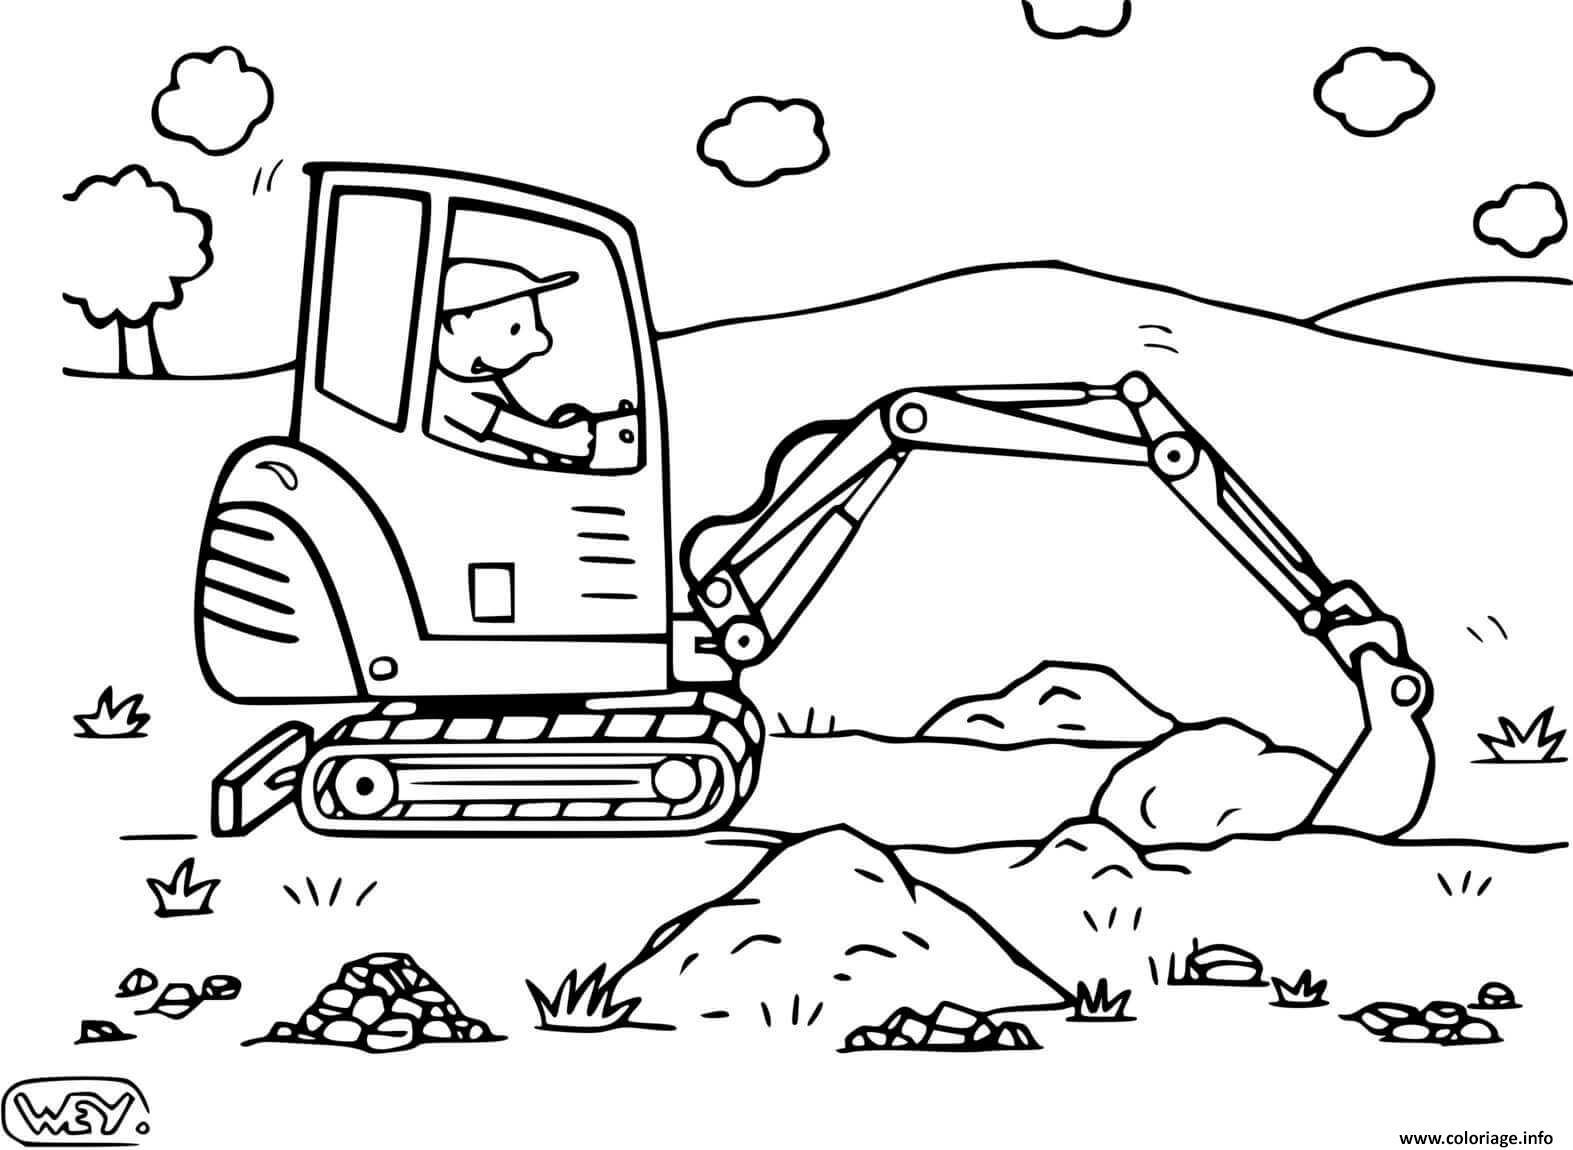 Dessin chantier engin entrepreneur retrait de la terre Coloriage Gratuit à Imprimer